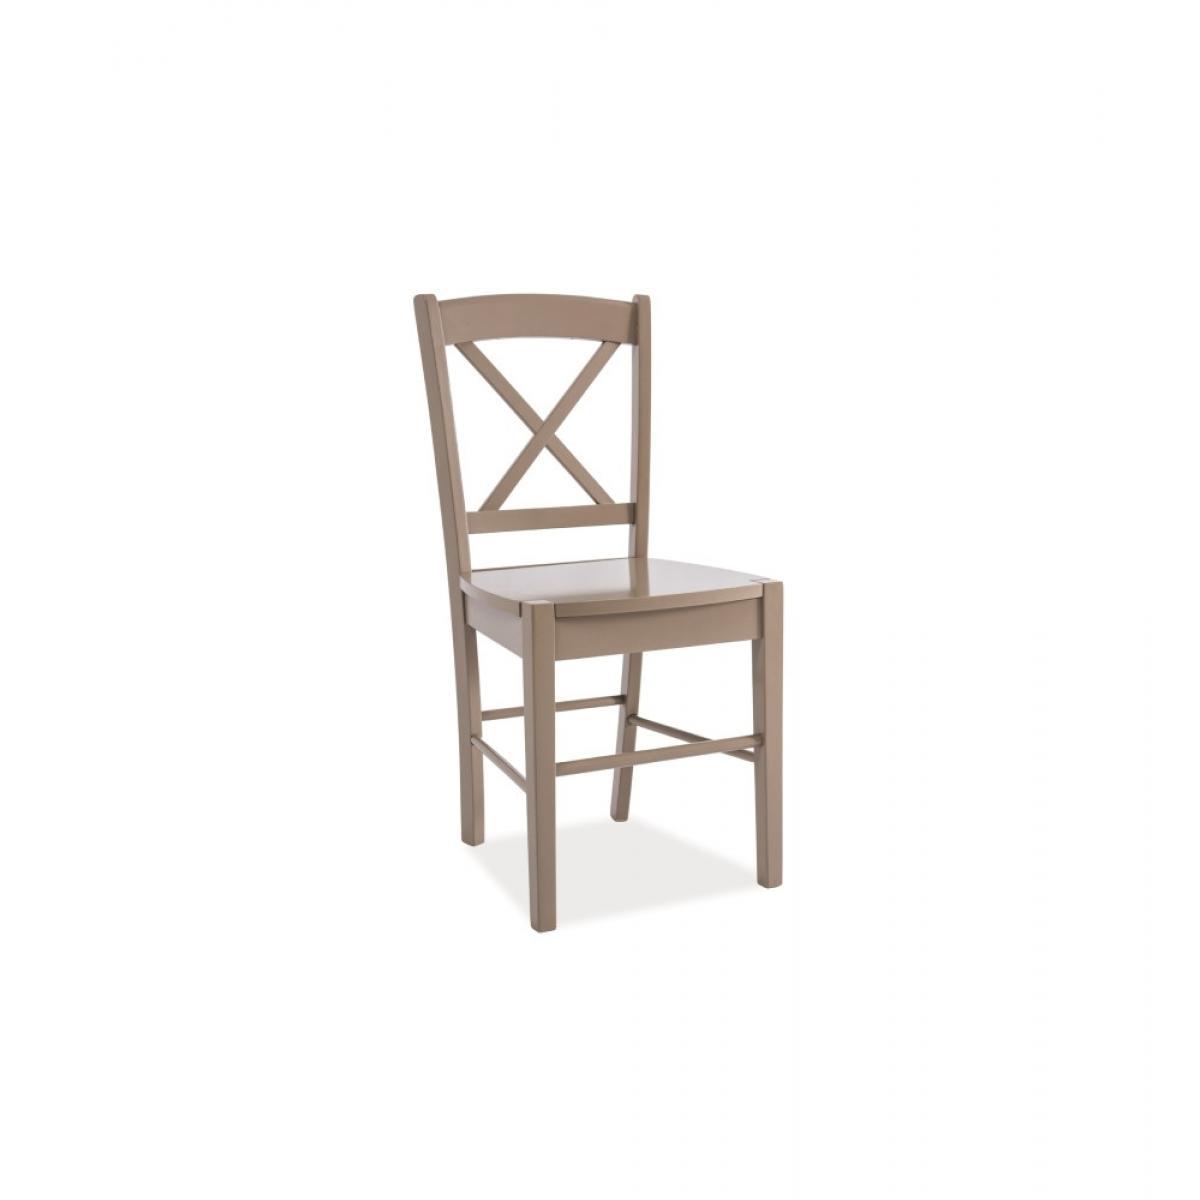 Ac-Deco Chaise avec dossier en croix - 40 x 36 x 85 cm - Taupe